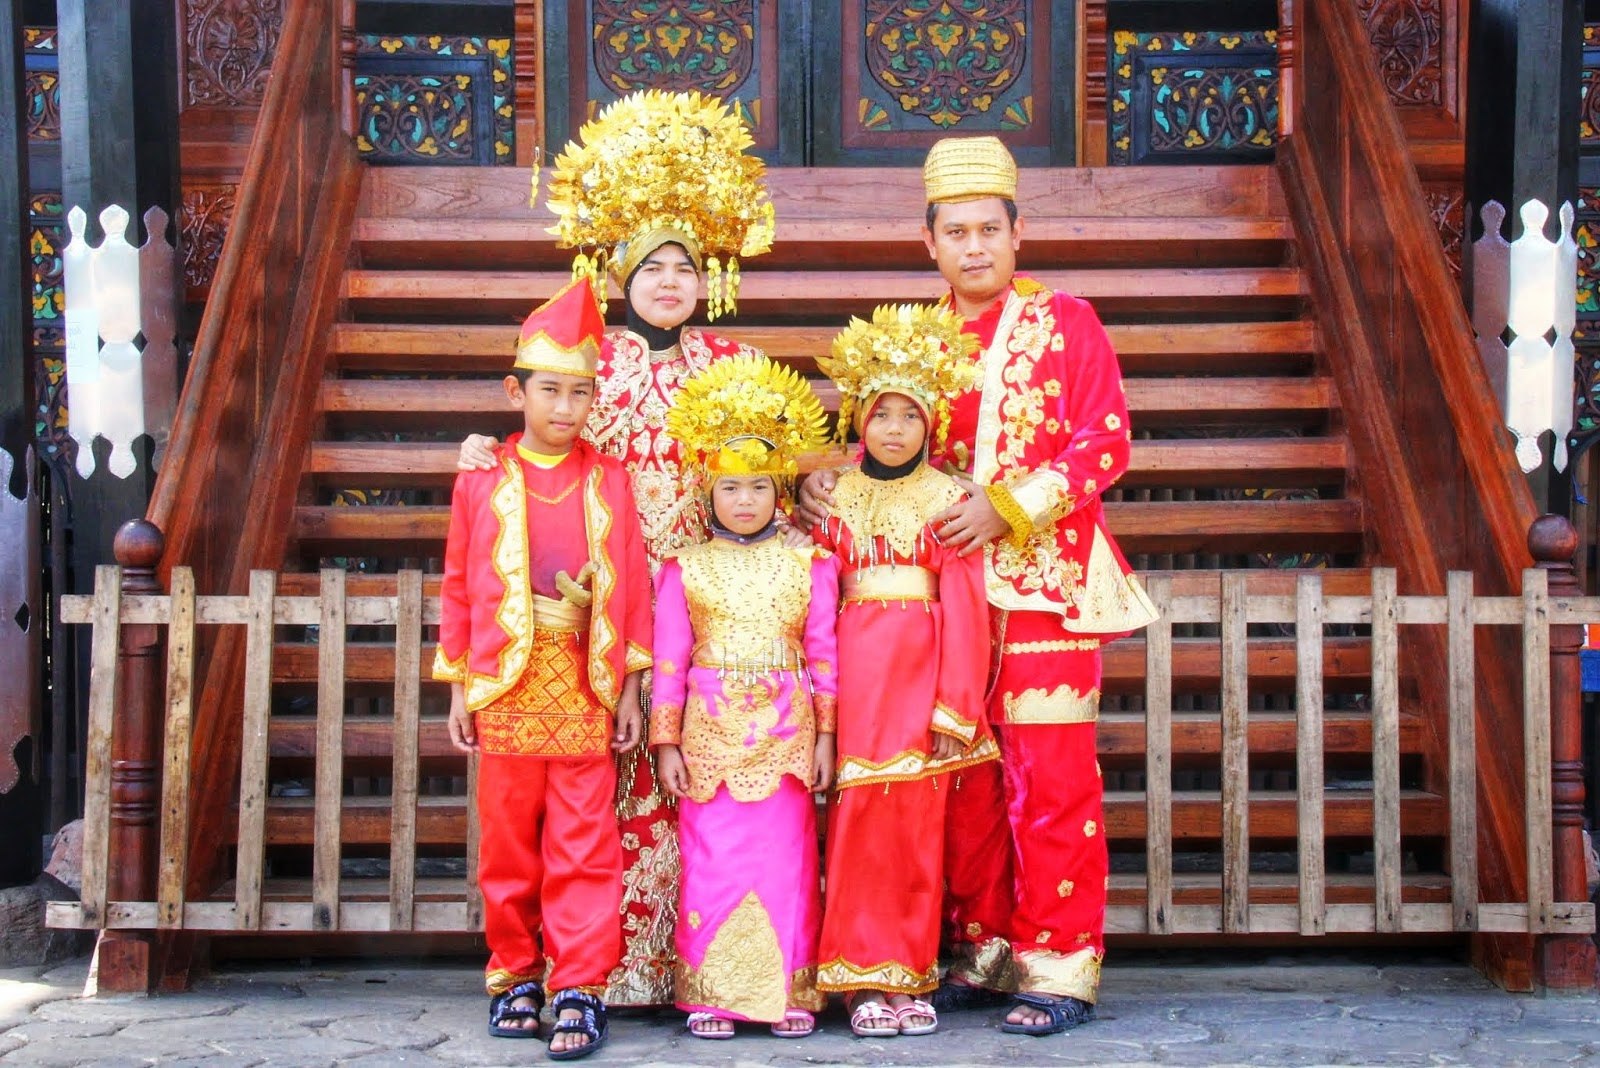 Bergaya Dengan Pakaian Tradisional Melayu Minang Di Istana Pagar Ruyong 1